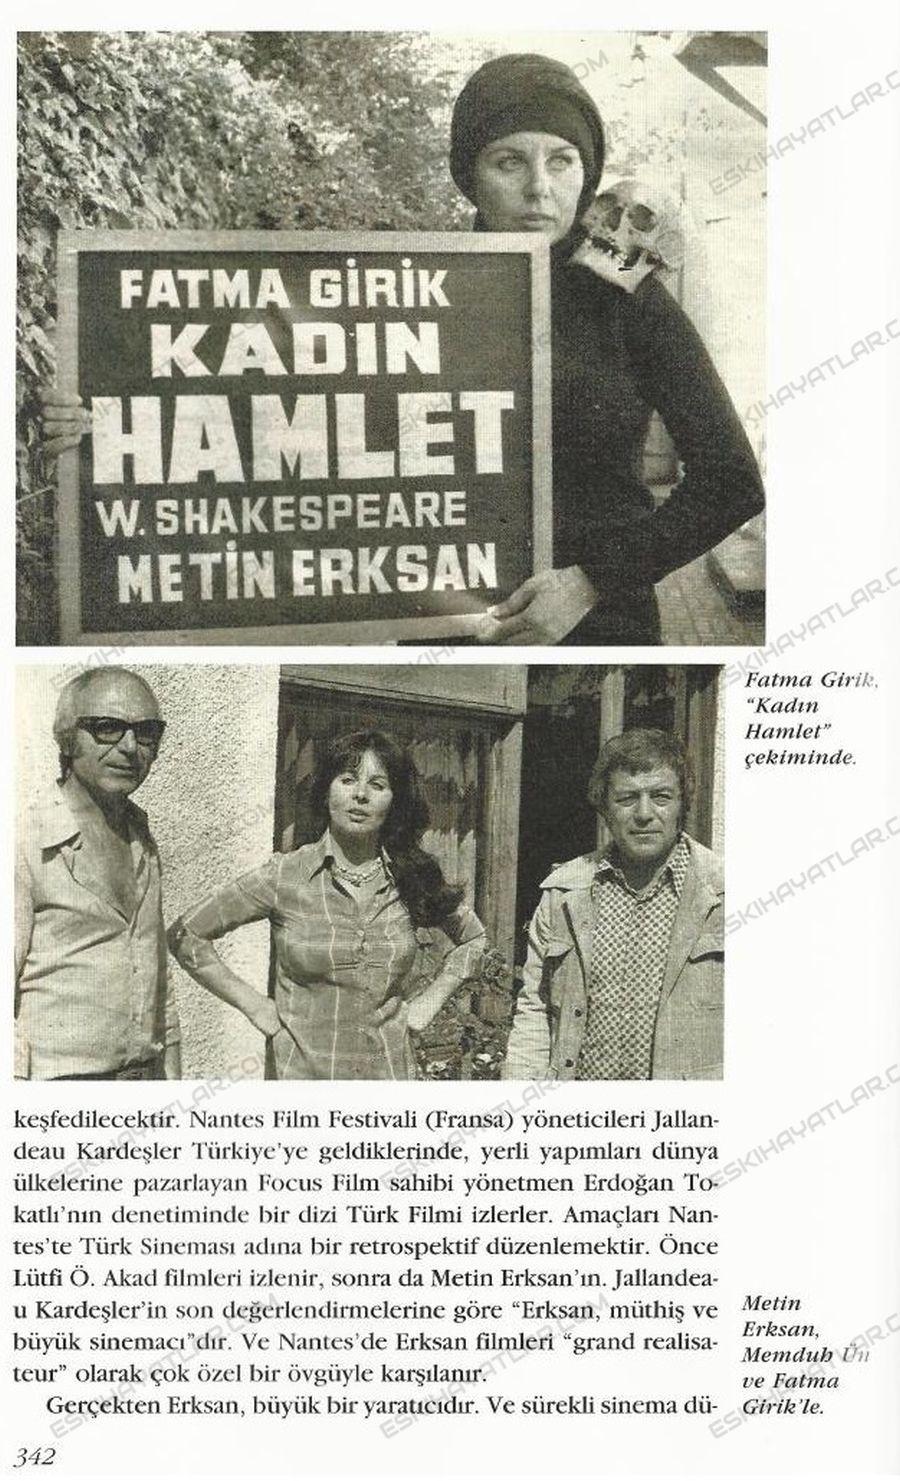 0137-metin-erksan-filmleri-altmisli-yillarda-sinema-filmlerinde-sansur-turk-sinemasinin-marjinalleri-ve-orijinalleri-agah-ozguc (6)